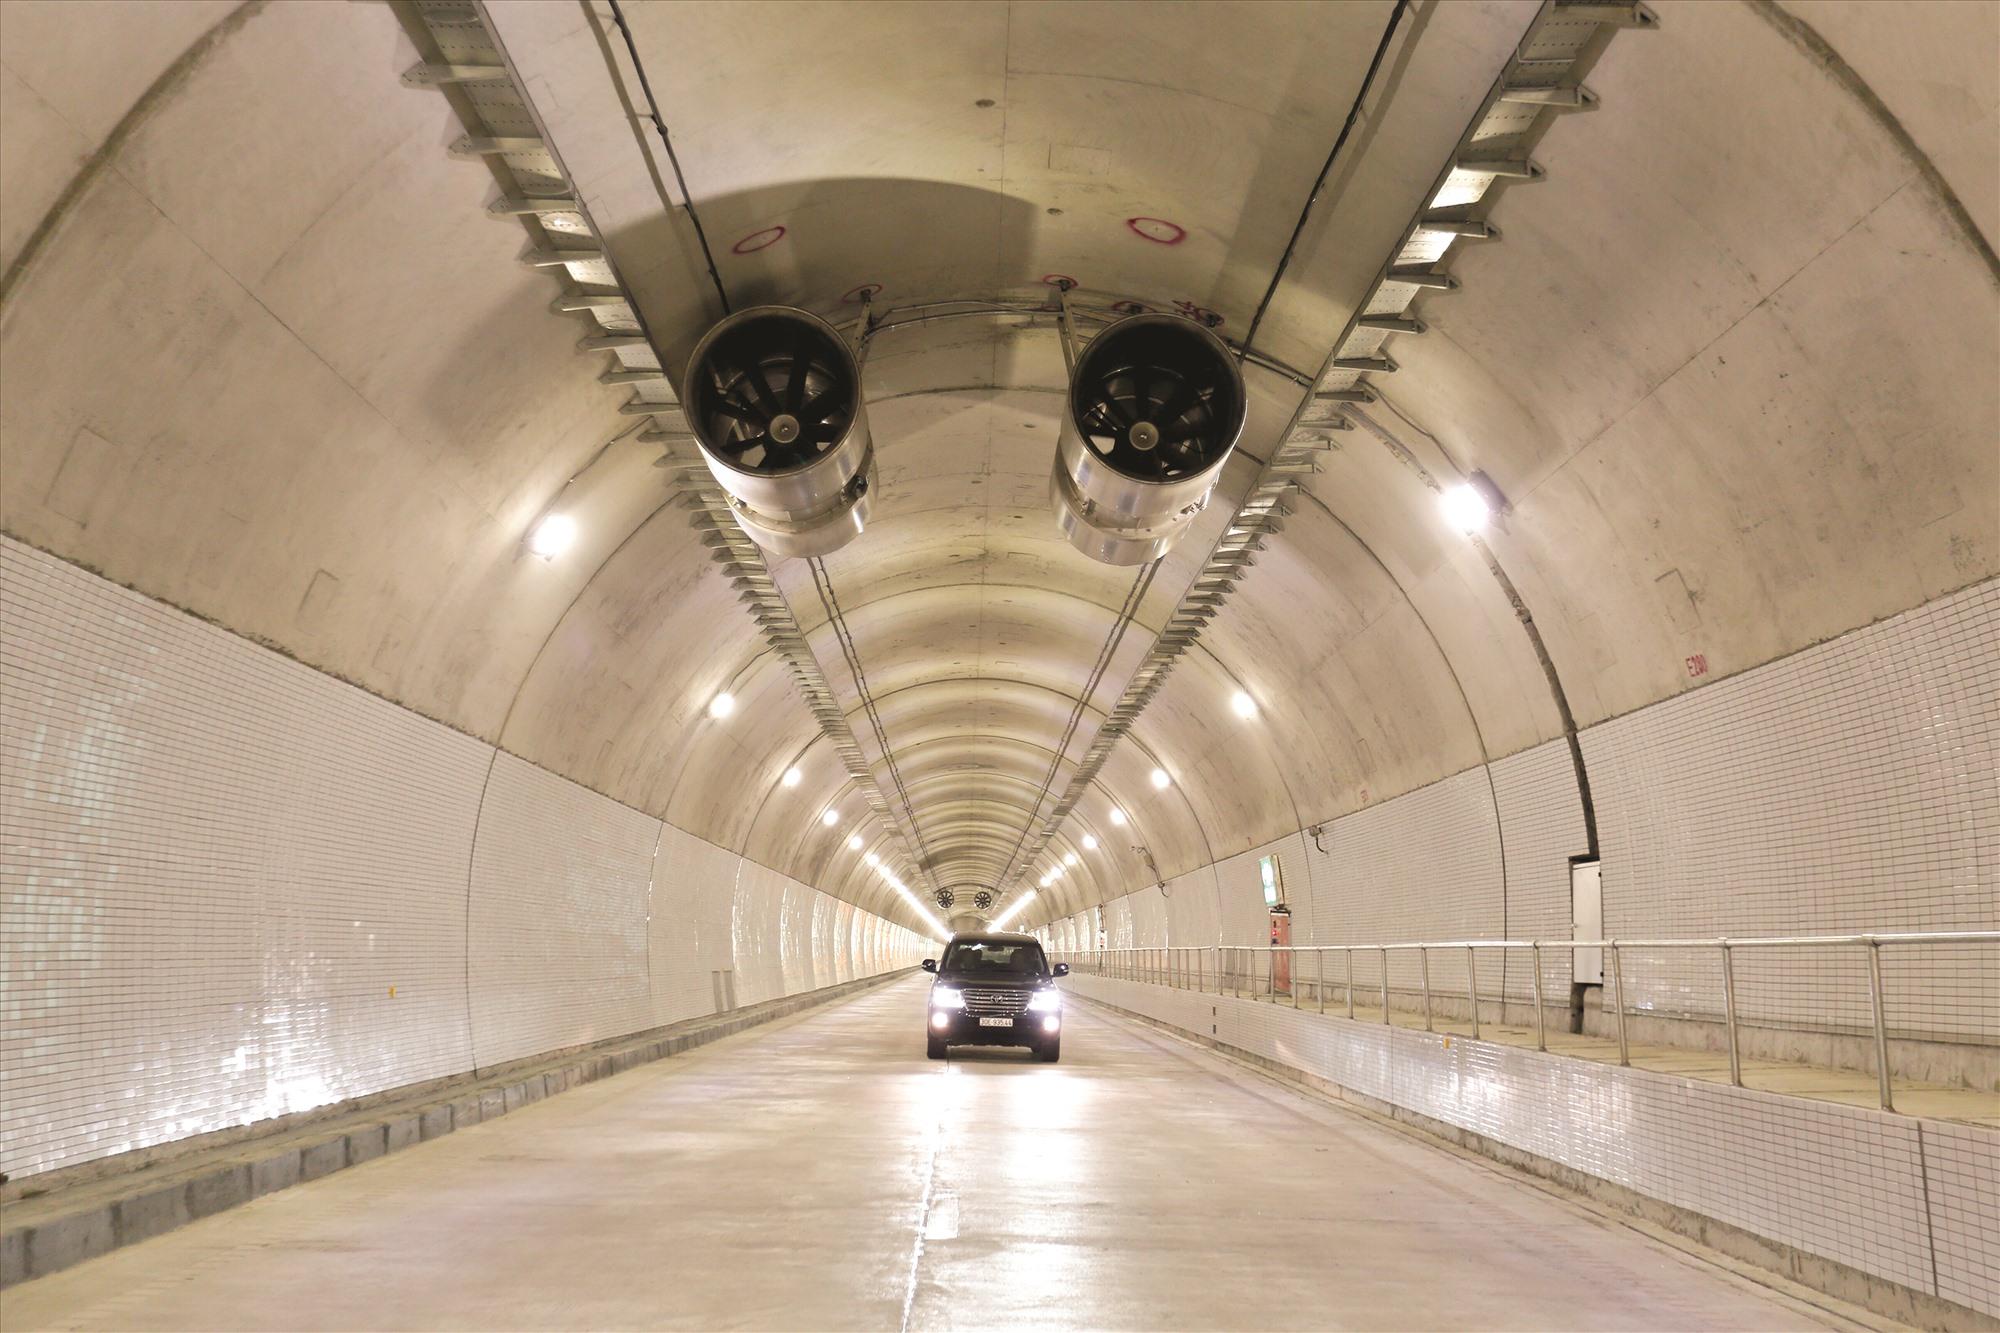 Hầm Hải Vân 2 rất hiện đại với đèn điện sáng, hai bên thành hầm ốp gạch men, hệ thống thông gió.